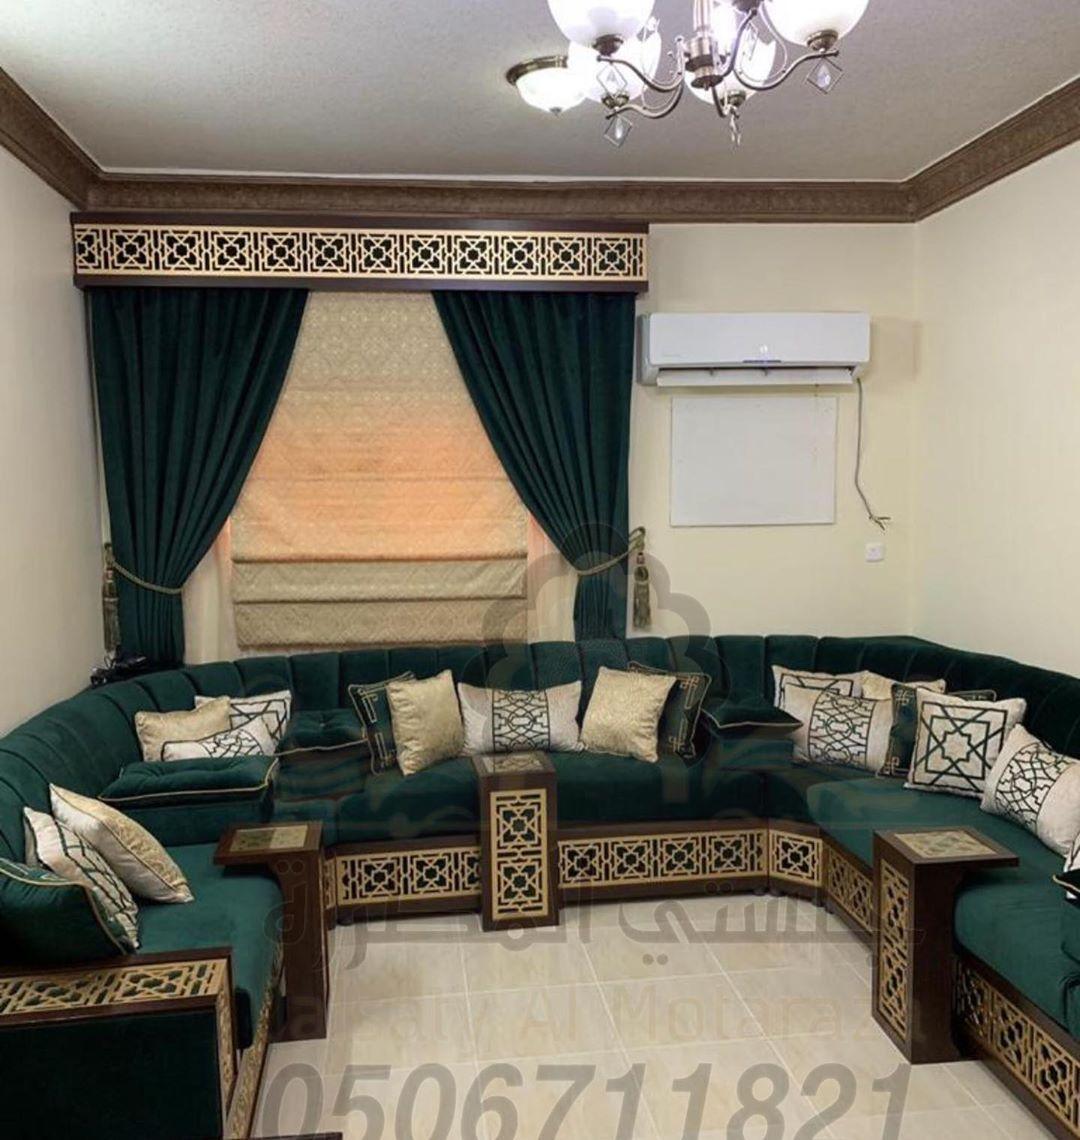 ستائر ستاير ستارة مجالس صوالين استقبال منازل قبل و بعد Custom Window Treatments Curtain Decor Curtains Living Room